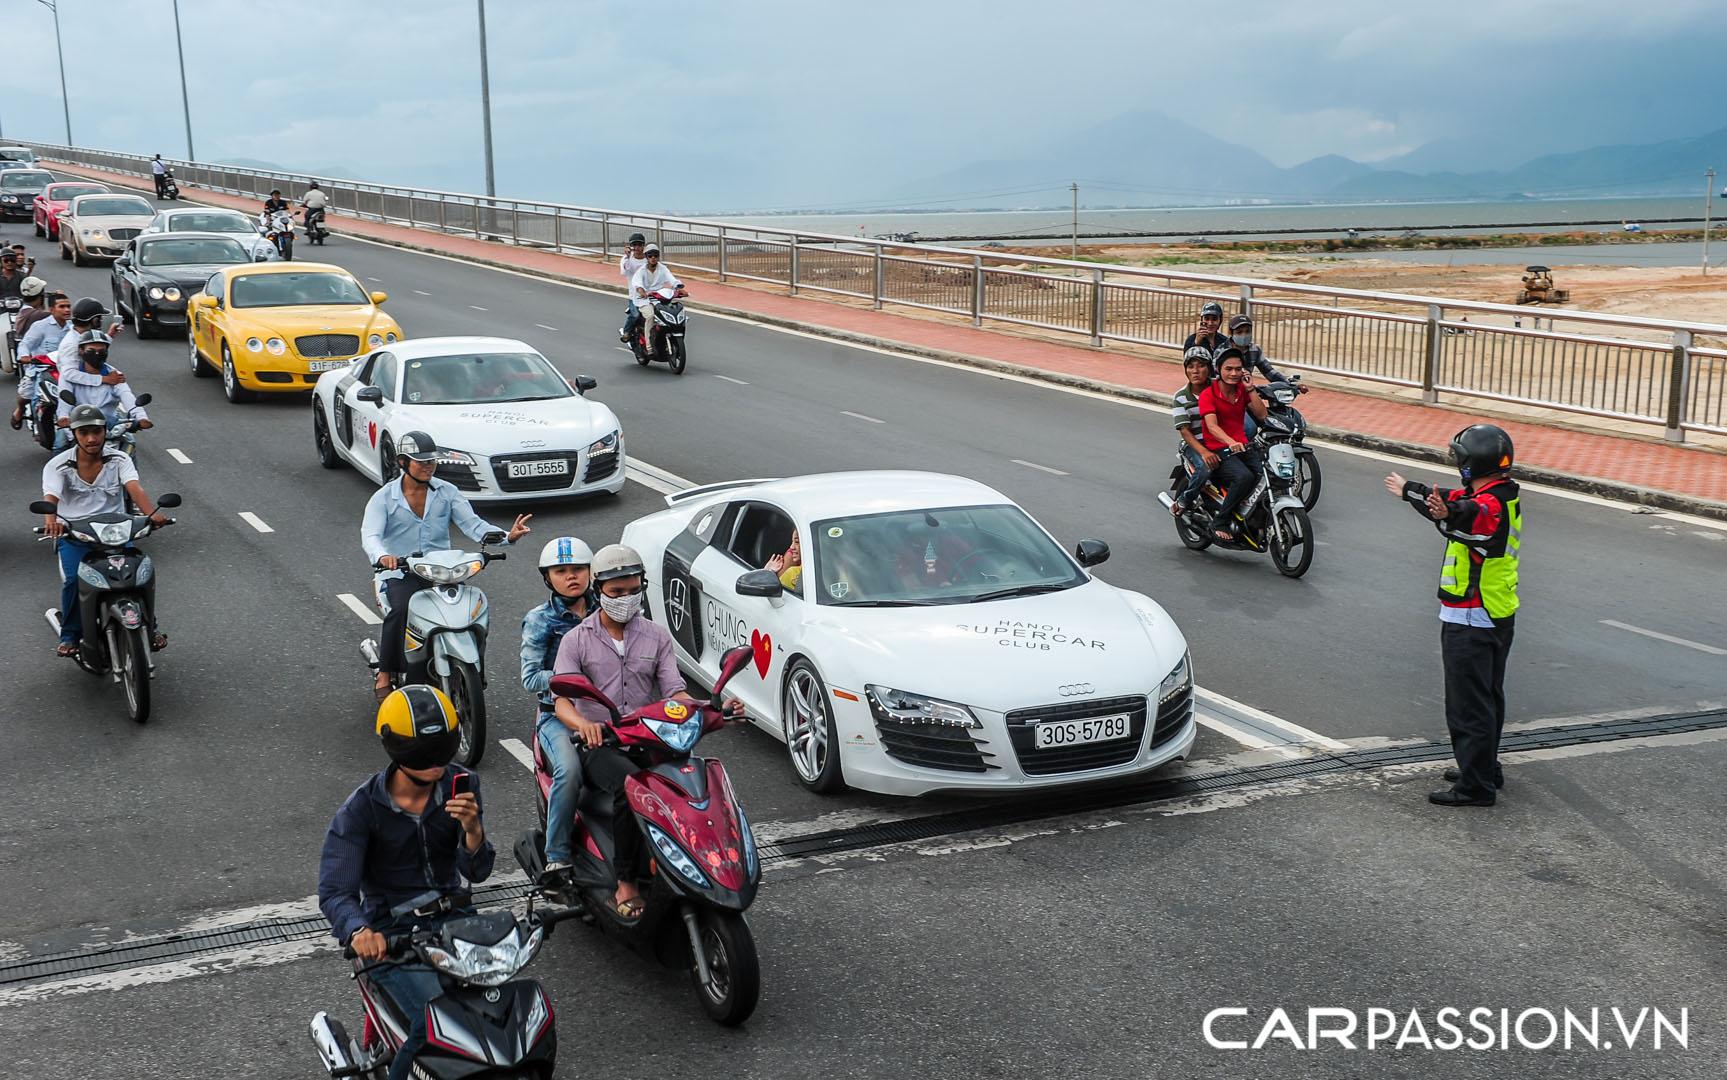 CP-Hành trình siêu xe CarPassion 2011 Day 5 (145).jpg